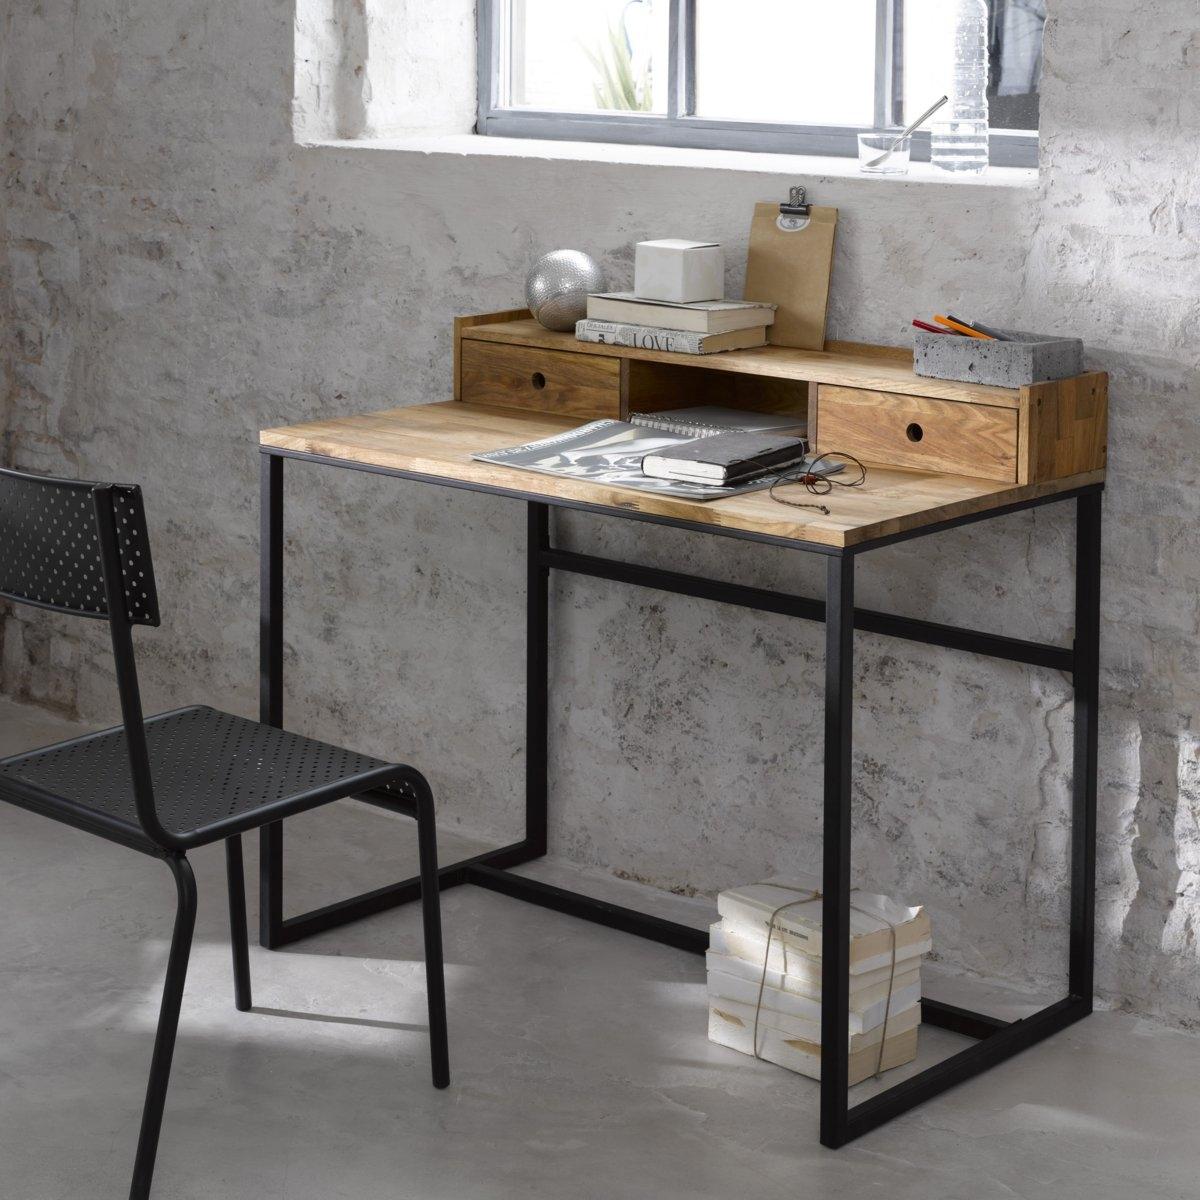 Стол La Redoute Письменный из дуба и металла с маленькой надставкой Hiba единый размер черный